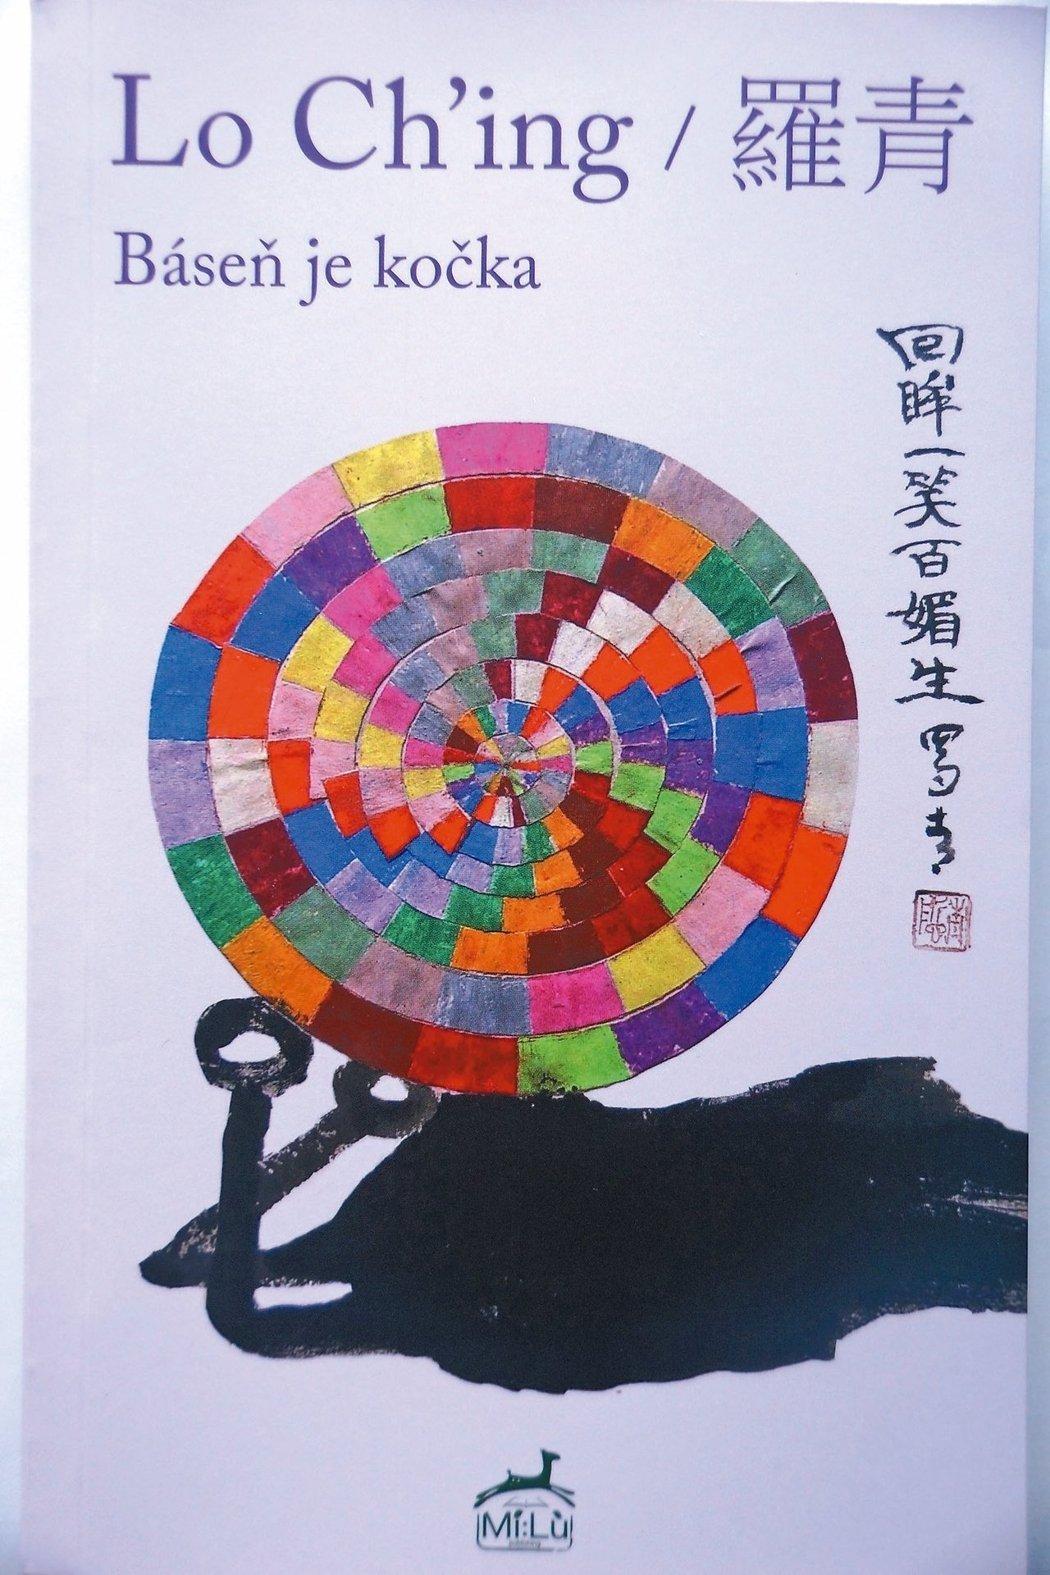 台灣文學x捷克插畫 書展對話文學外交